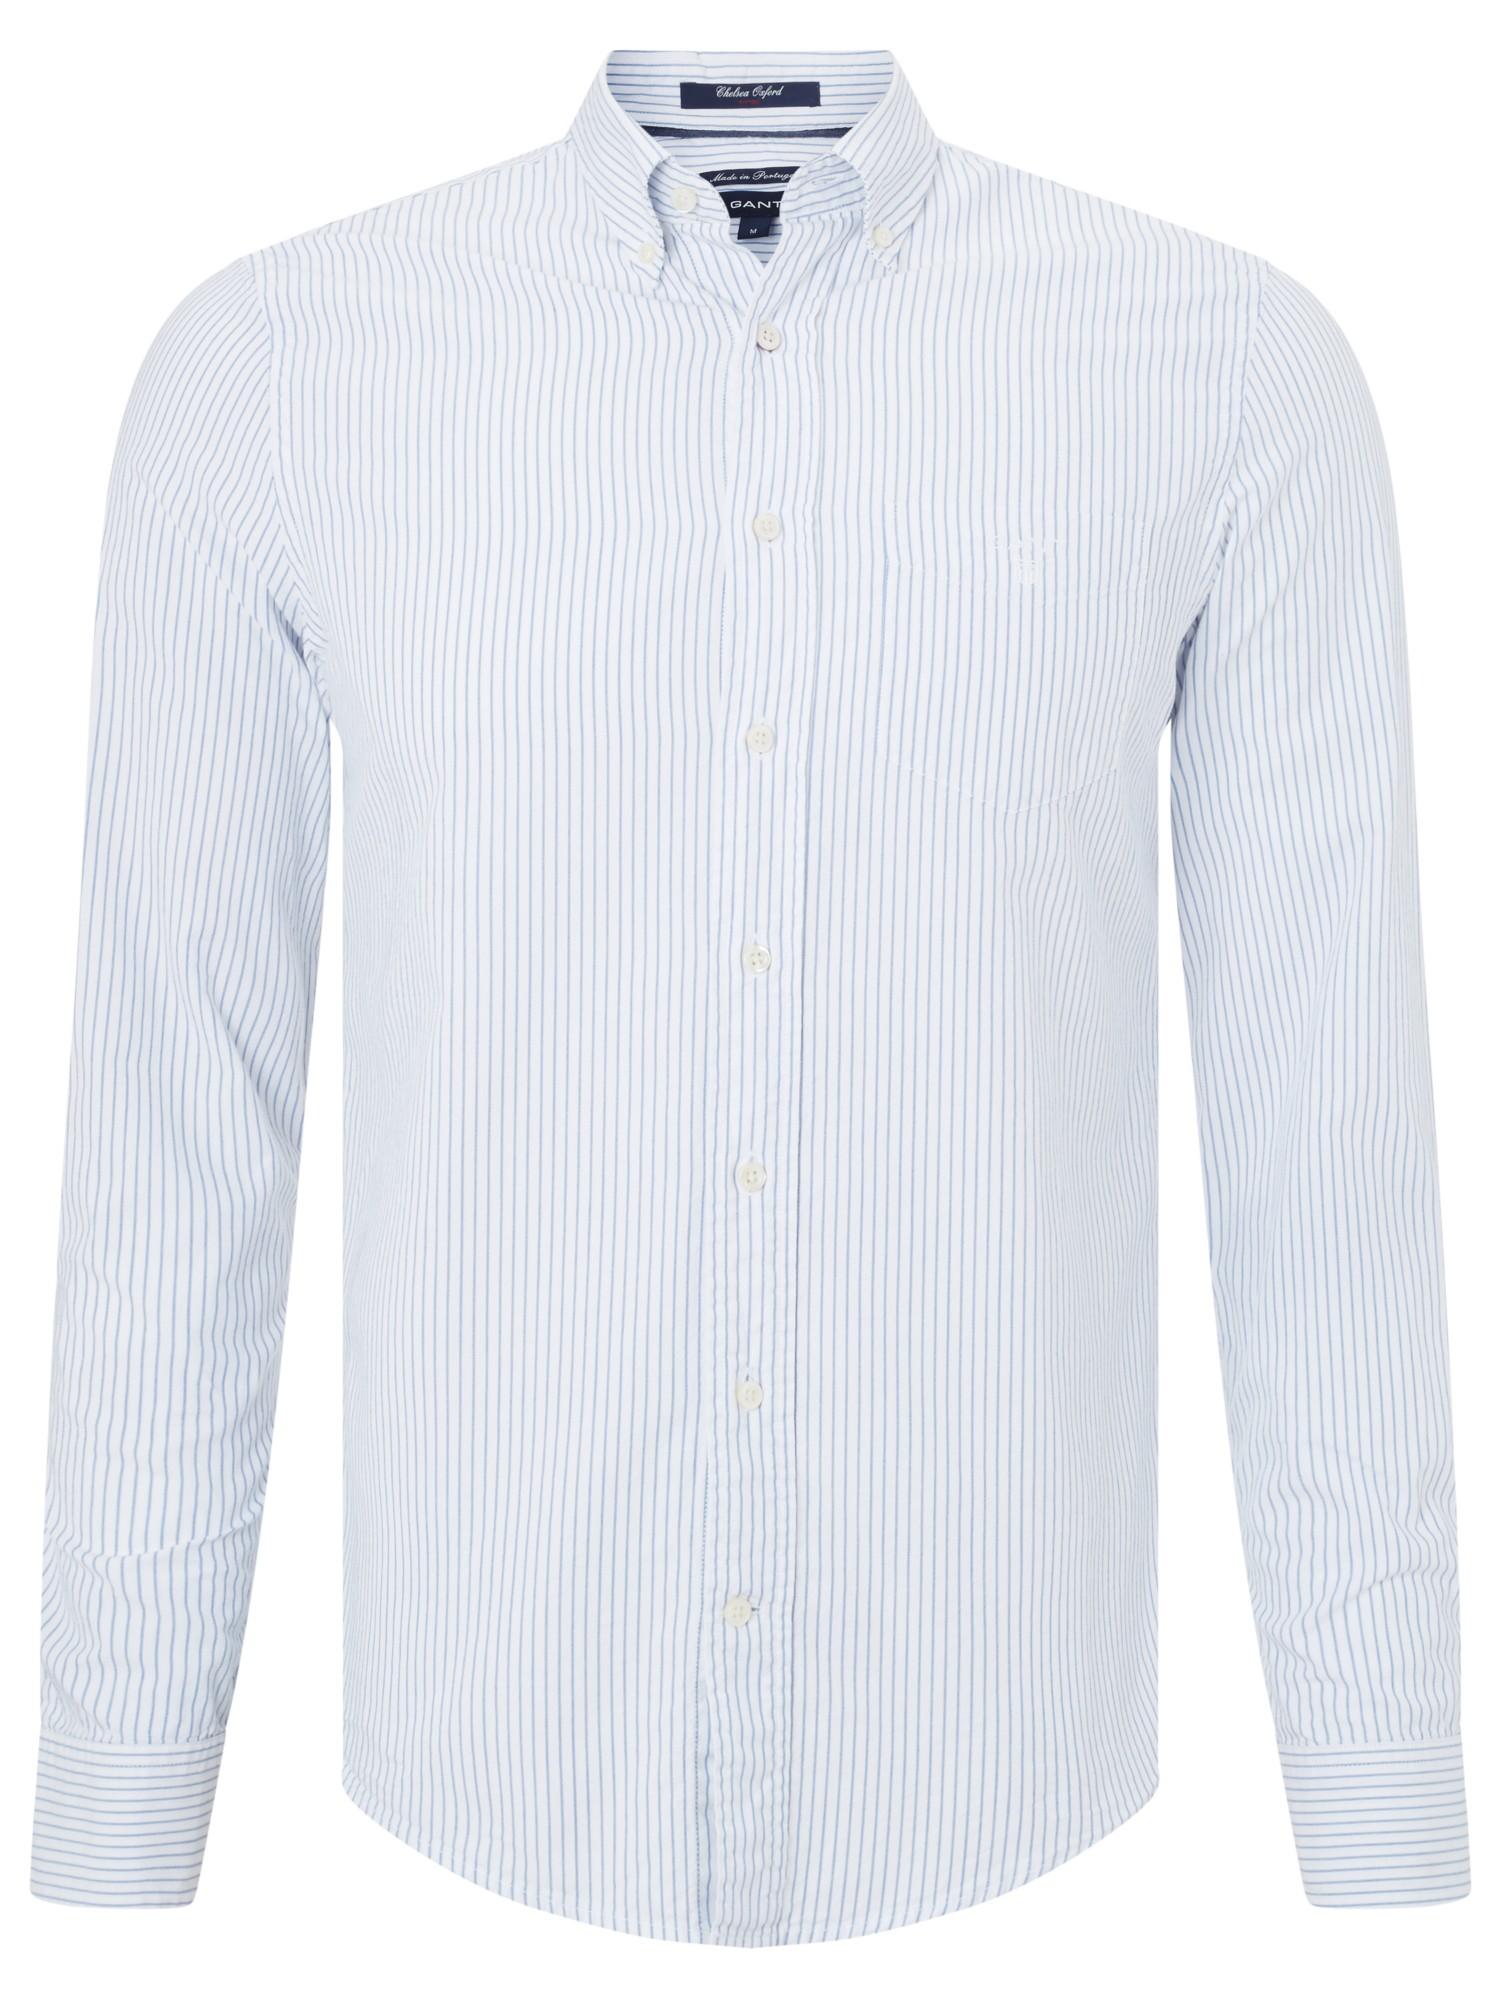 Gant White Chelsea Fine Stripe Oxford Shirt For Men Lyst